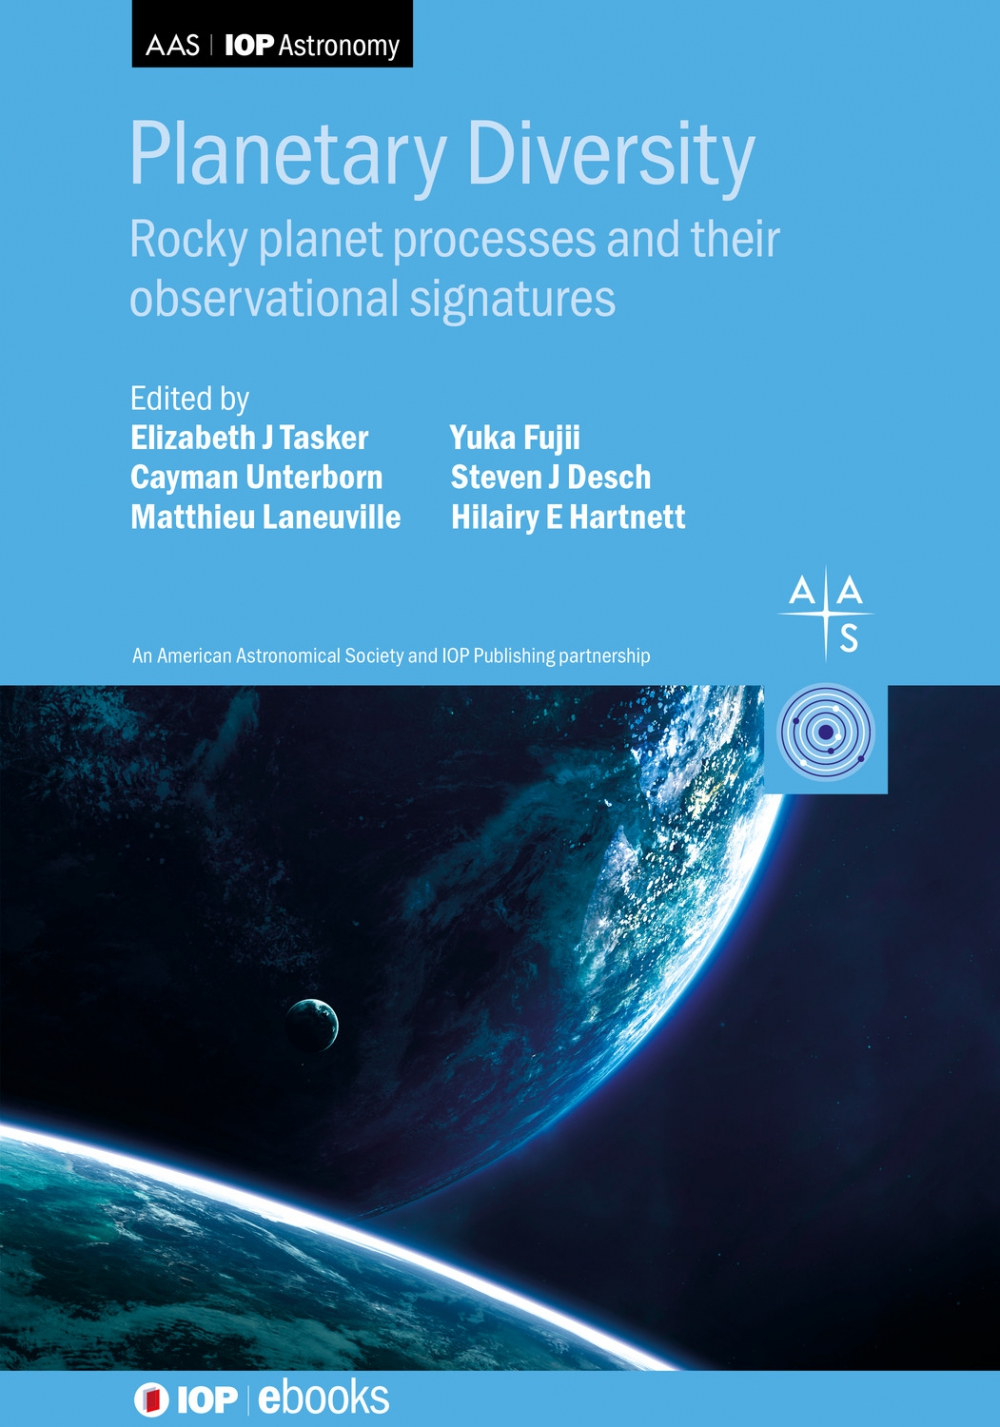 Jacket image for Planetary Diversity